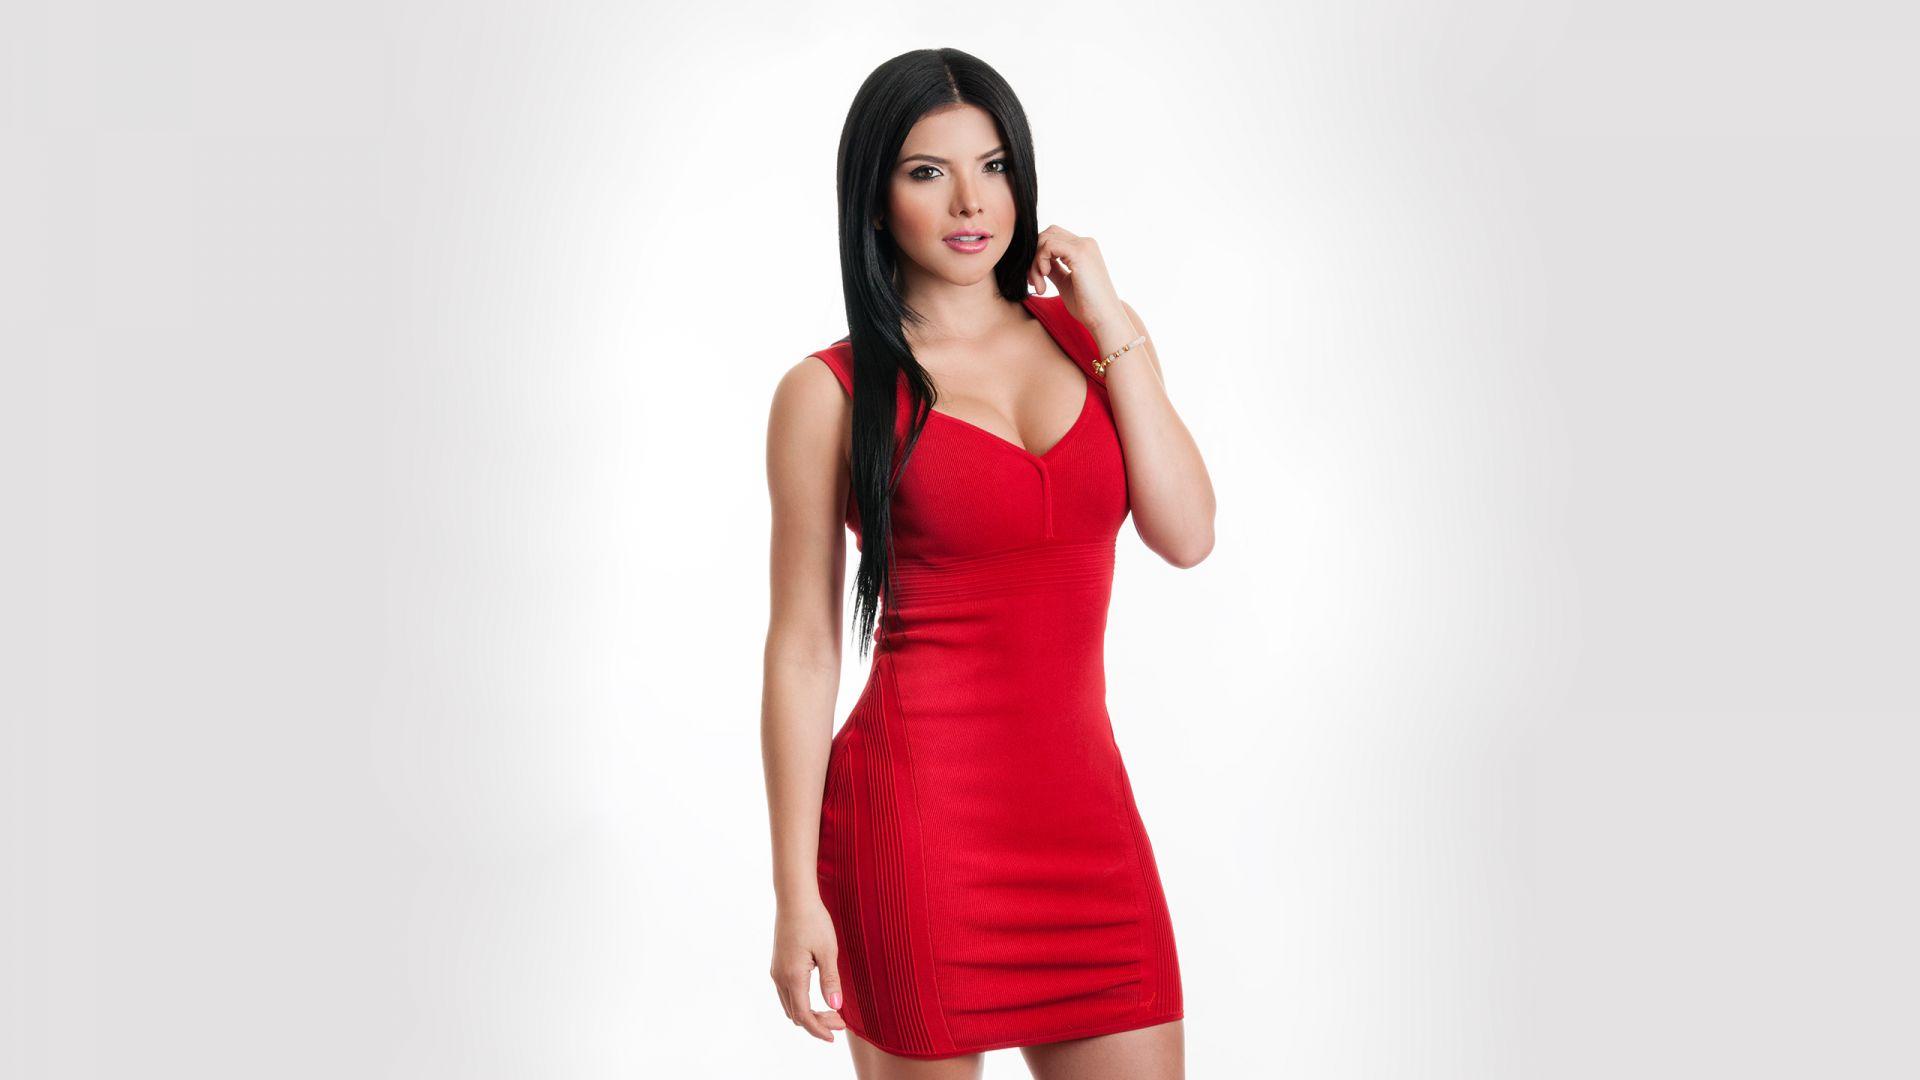 Wallpaper Brenda Galho, red dress, hot model